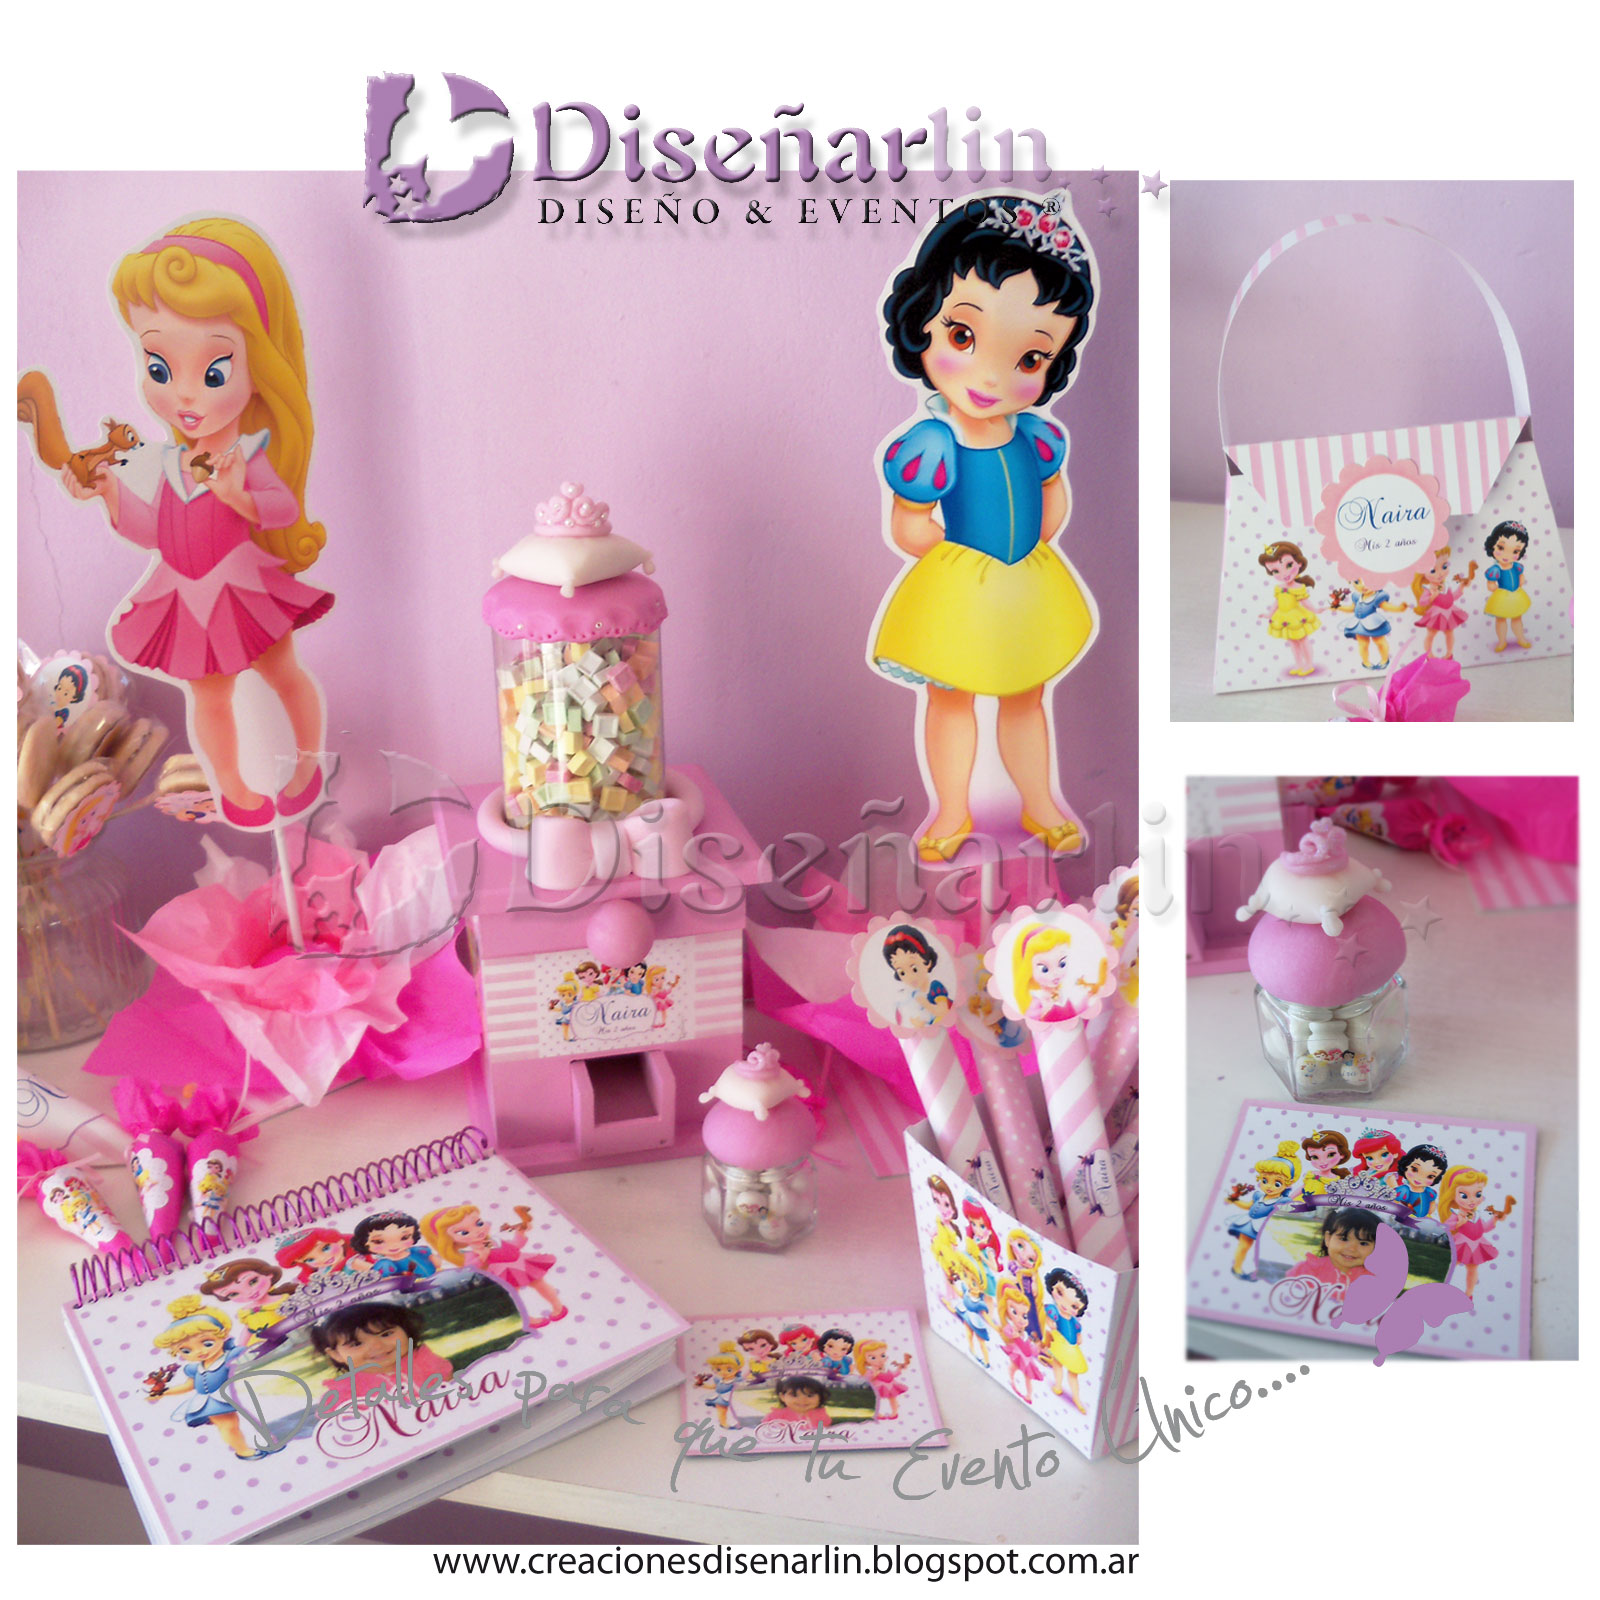 Dise arlin mendoza invitaciones y souvenirs originales y - Detalles originales para cumpleanos infantiles ...